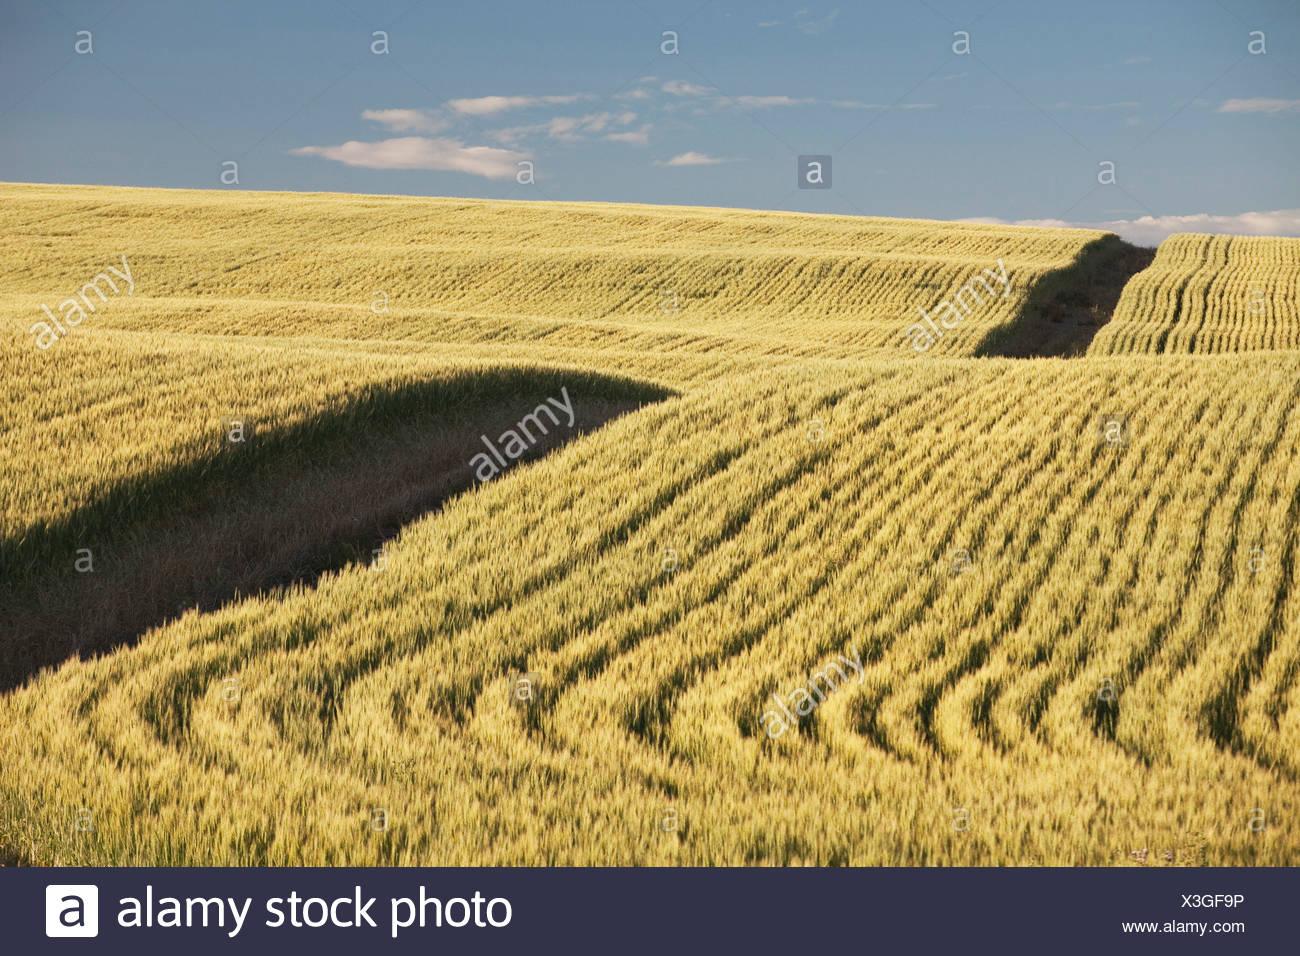 Green Wheat Field, Central Alberta, Canada - Stock Image